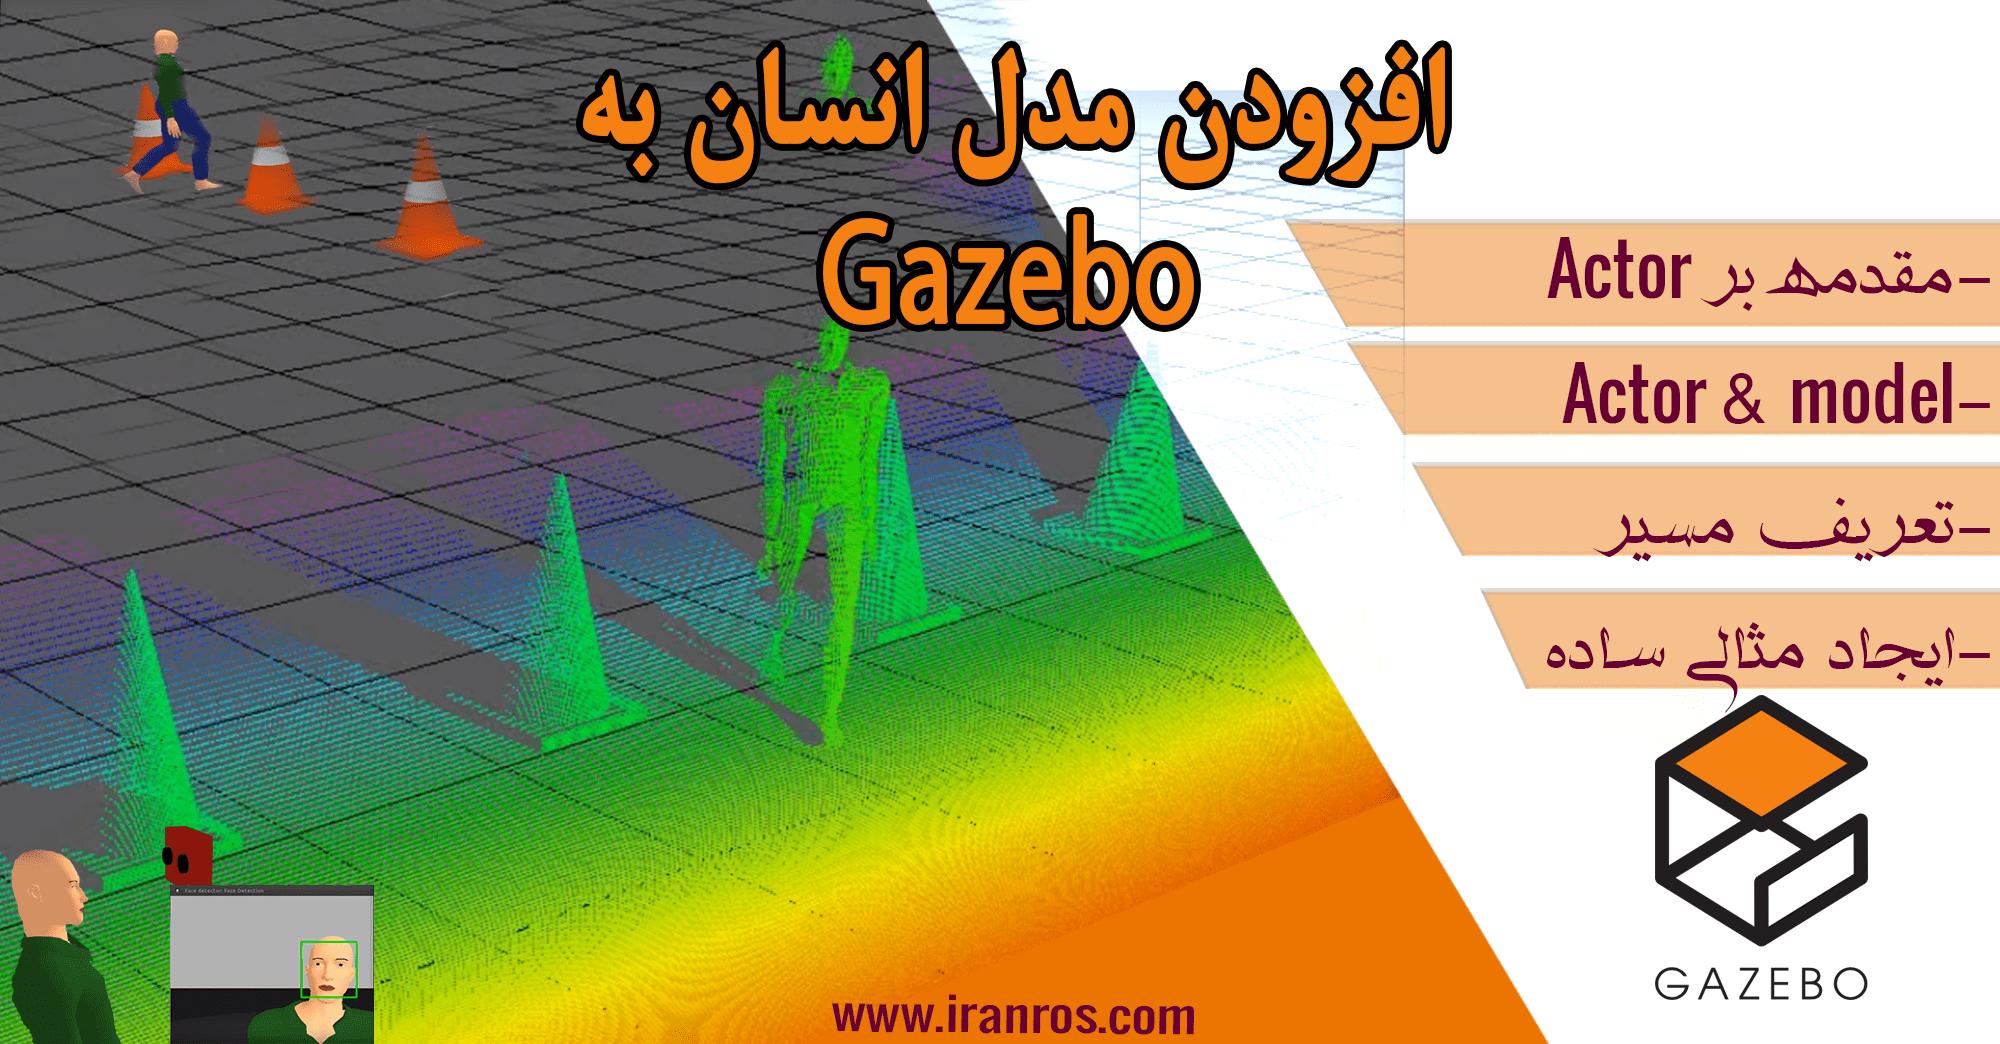 افزودن مدل انسان به گزبو (Gazebo)